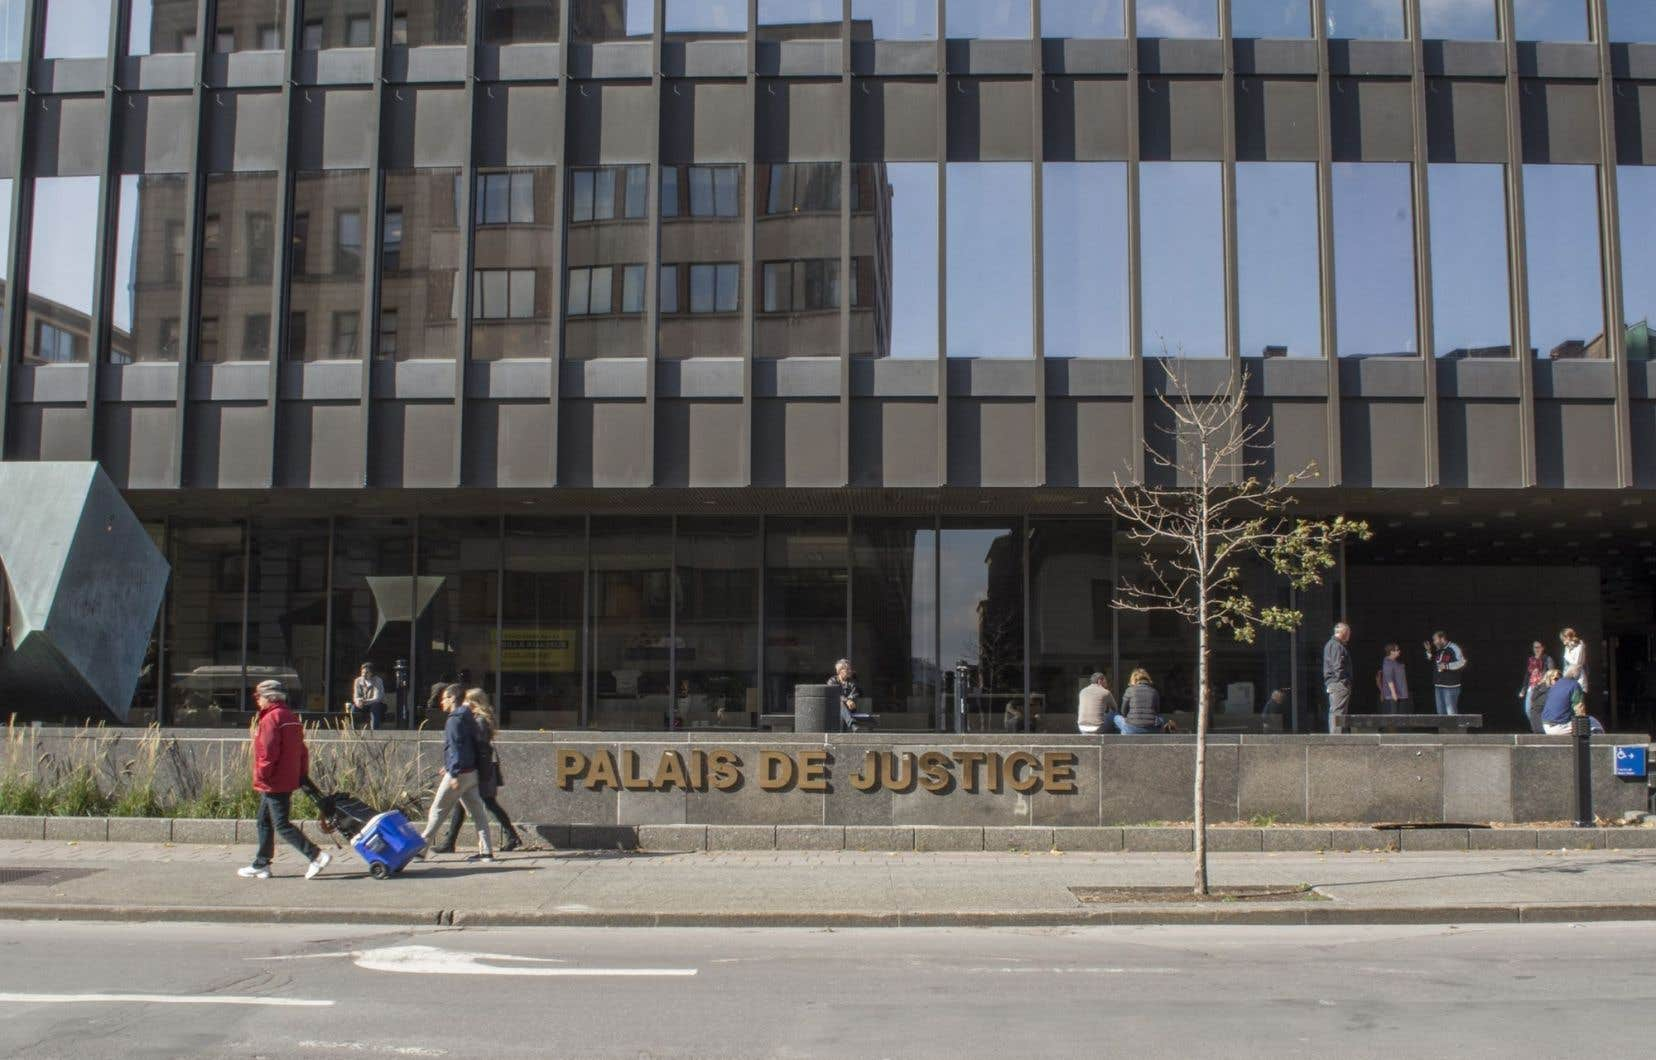 Selon le juge en chef de la Cour supérieure du Québec, Jacques R. Fournier, l'arrêt Jordan aura permis de réfléchir à l'amélioration des méthodes utilisées dans le système de justice.